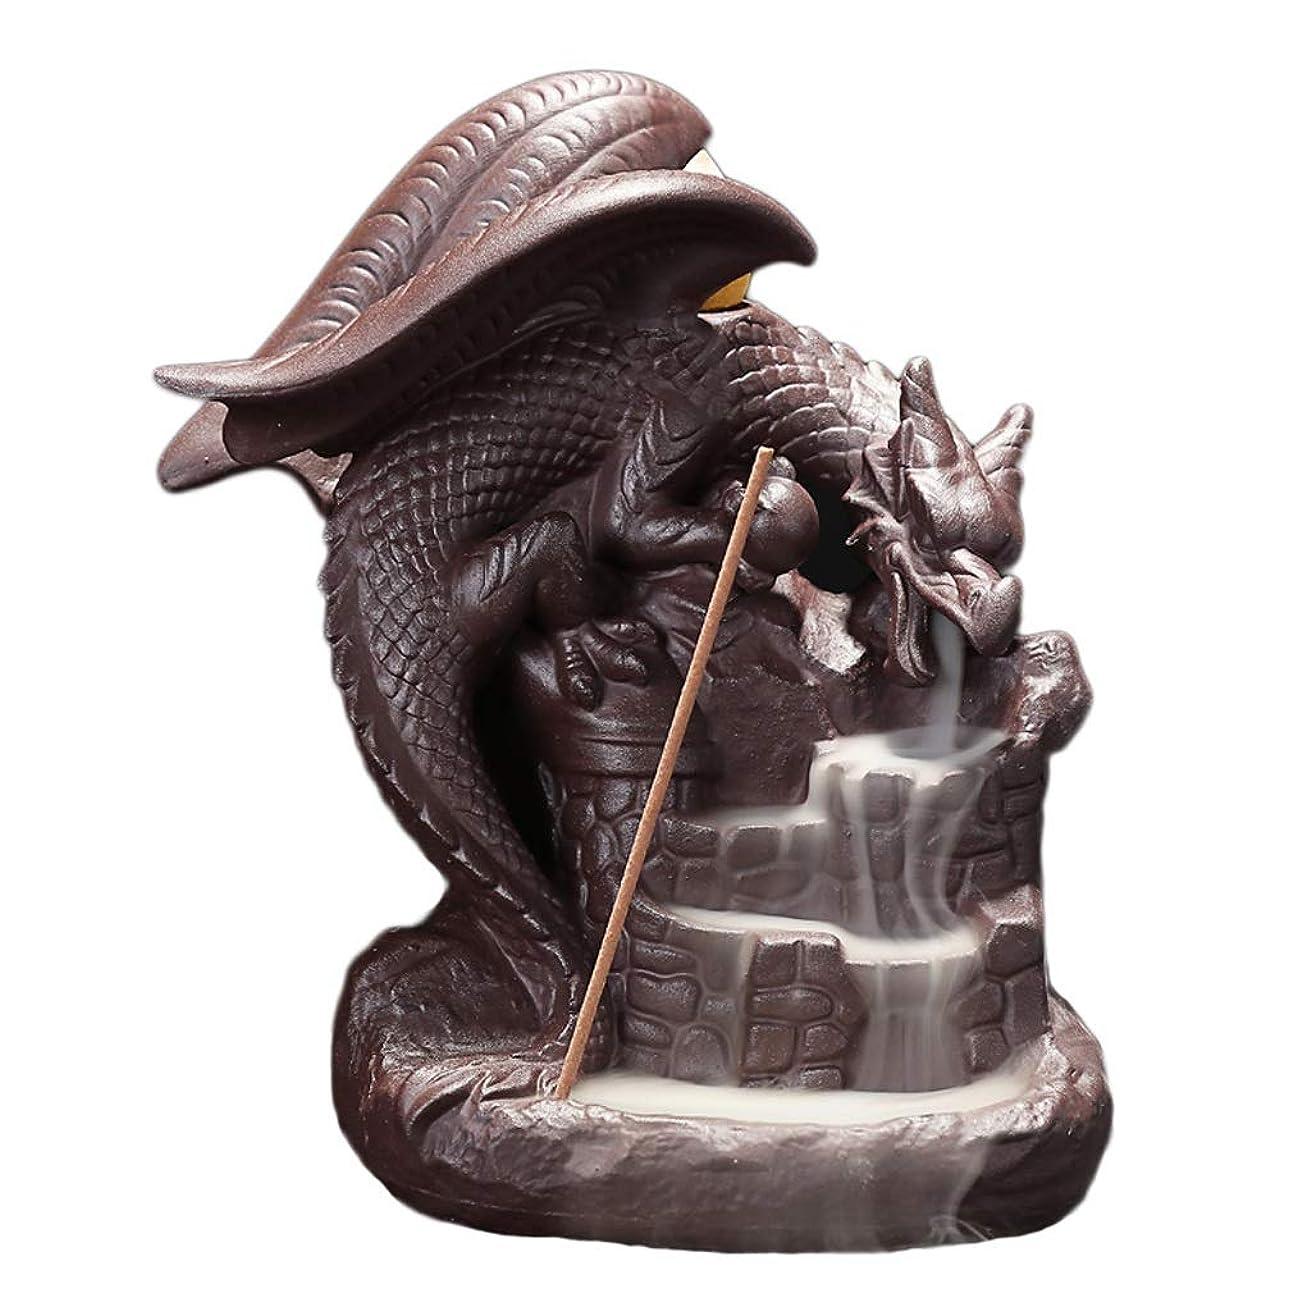 見つけた爵リングセラミック逆流香炉ドラゴン磁器香スティックコーンバーナーホルダーホームフレグランス工芸品装飾香ホルダー (Color : Brown, サイズ : 5.11*6.29 inches)